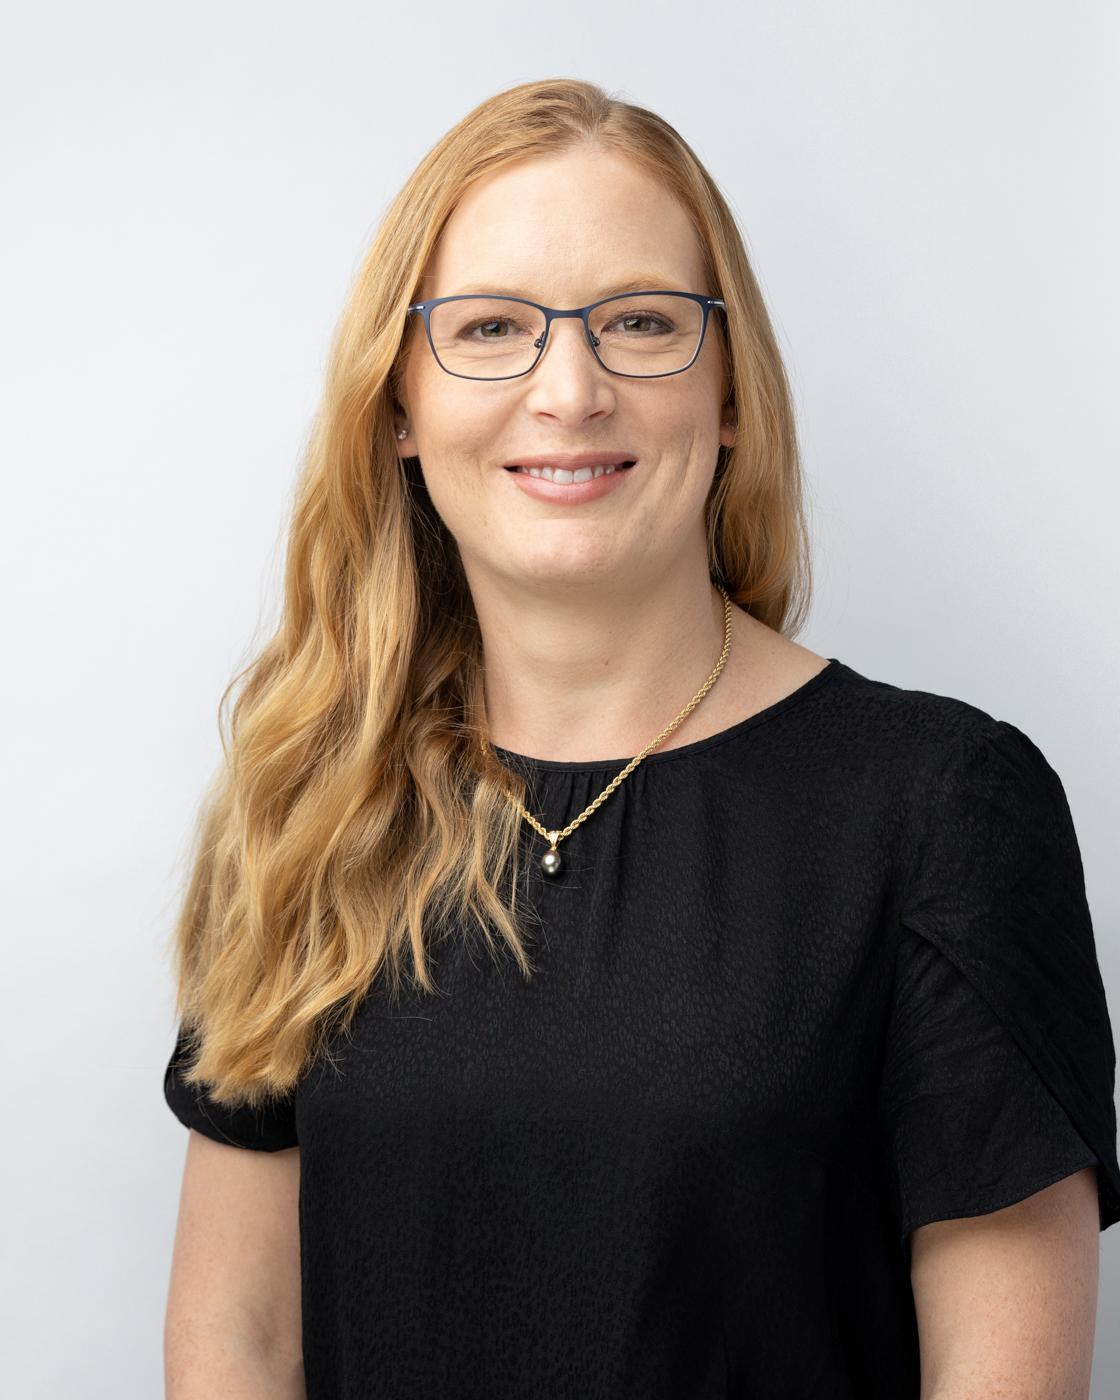 Dr. Elizabeth de Lautour